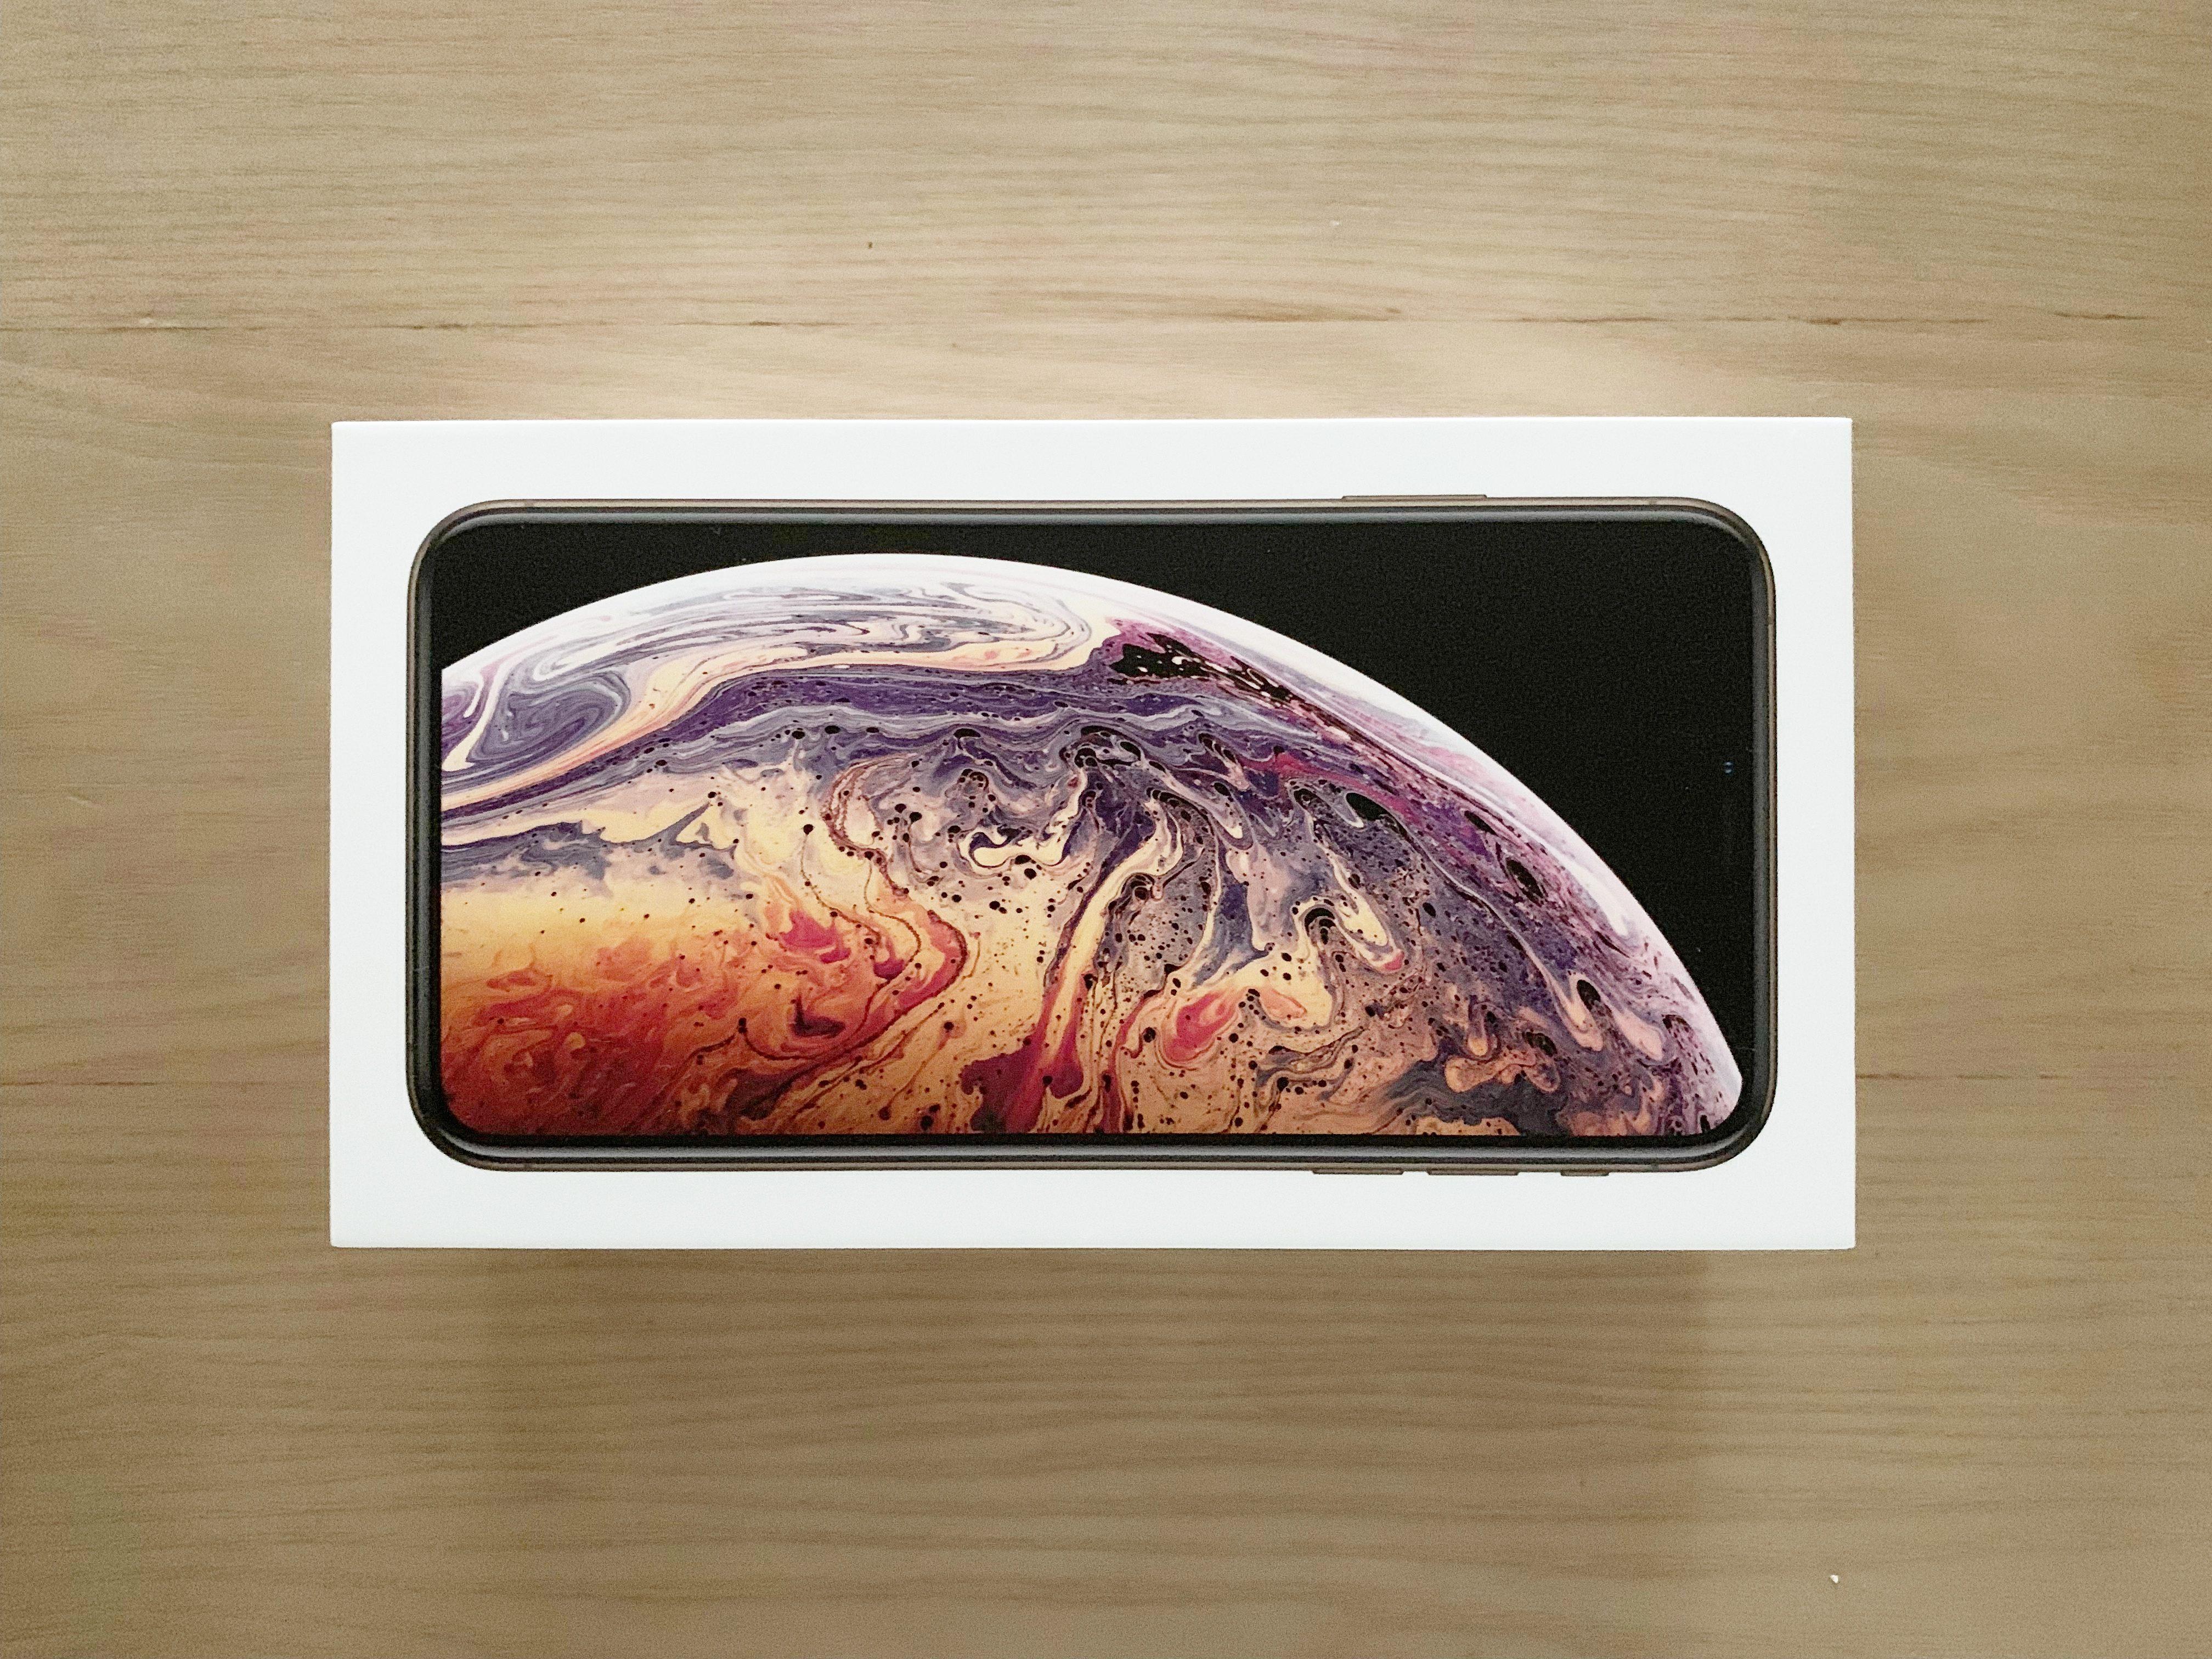 新型iPhone XS MAX を購入しました!パート② 使用感編